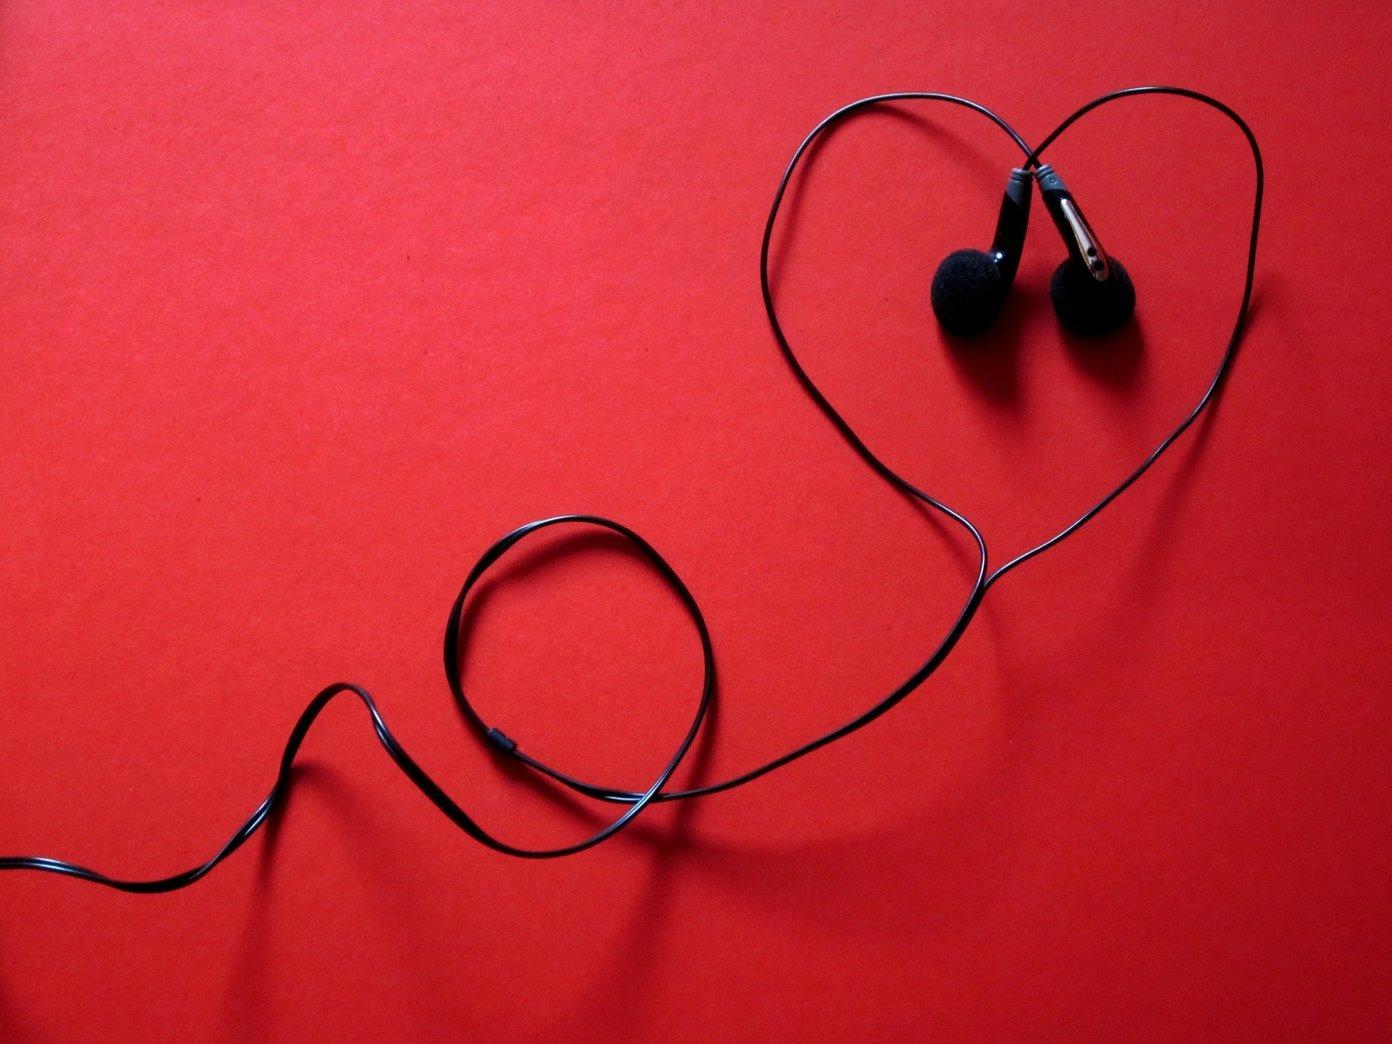 Música de YouTube vs. Música de Apple vs. Spotify: Cuál es el mejor servicio de transmisión de música por secuencias 22